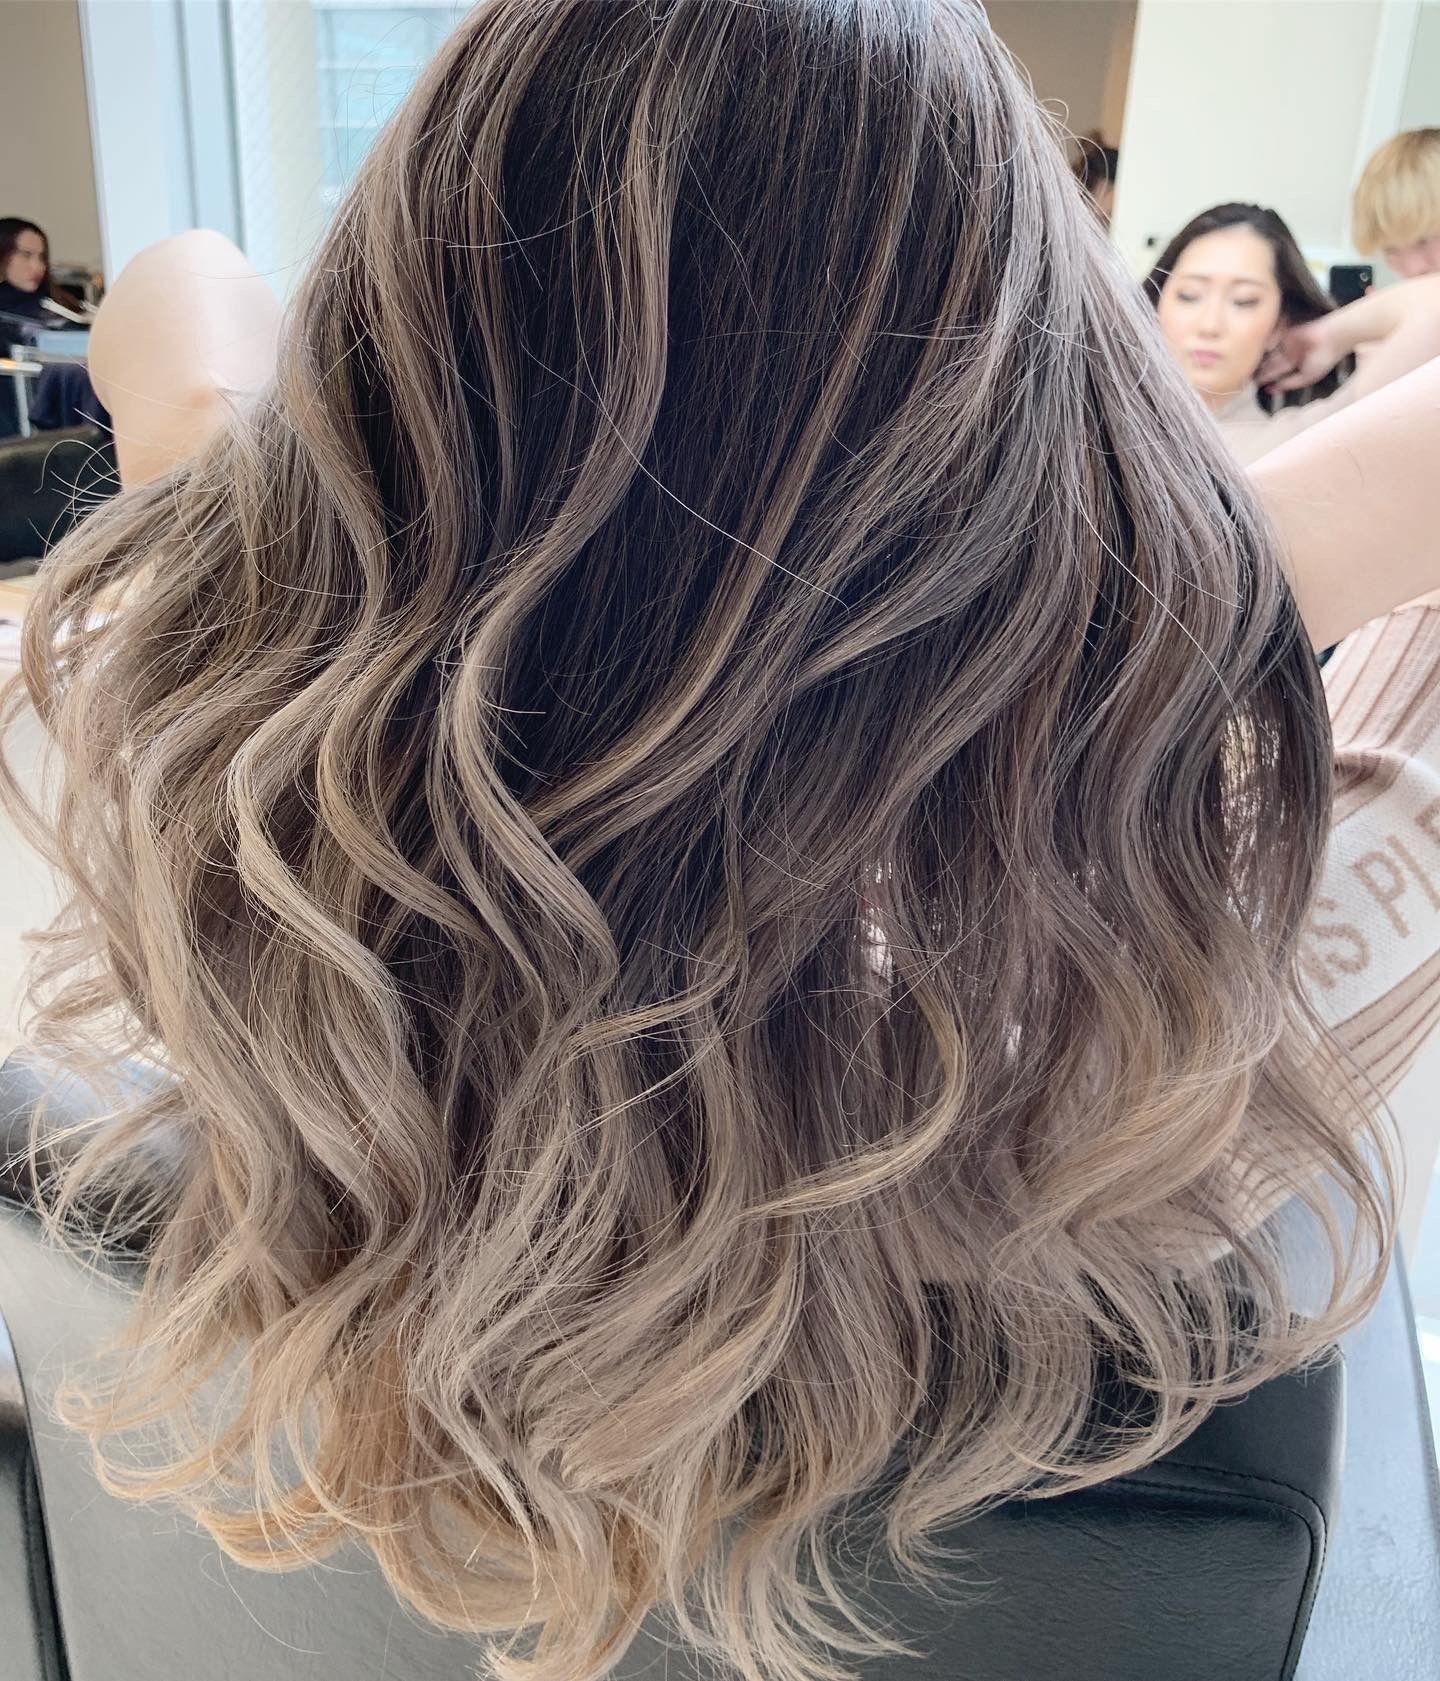 はんぺんblog ホワイトベージュperfect Balayage 2020 パープルバレイヤージュ 髪 カラー ヘアスタイル